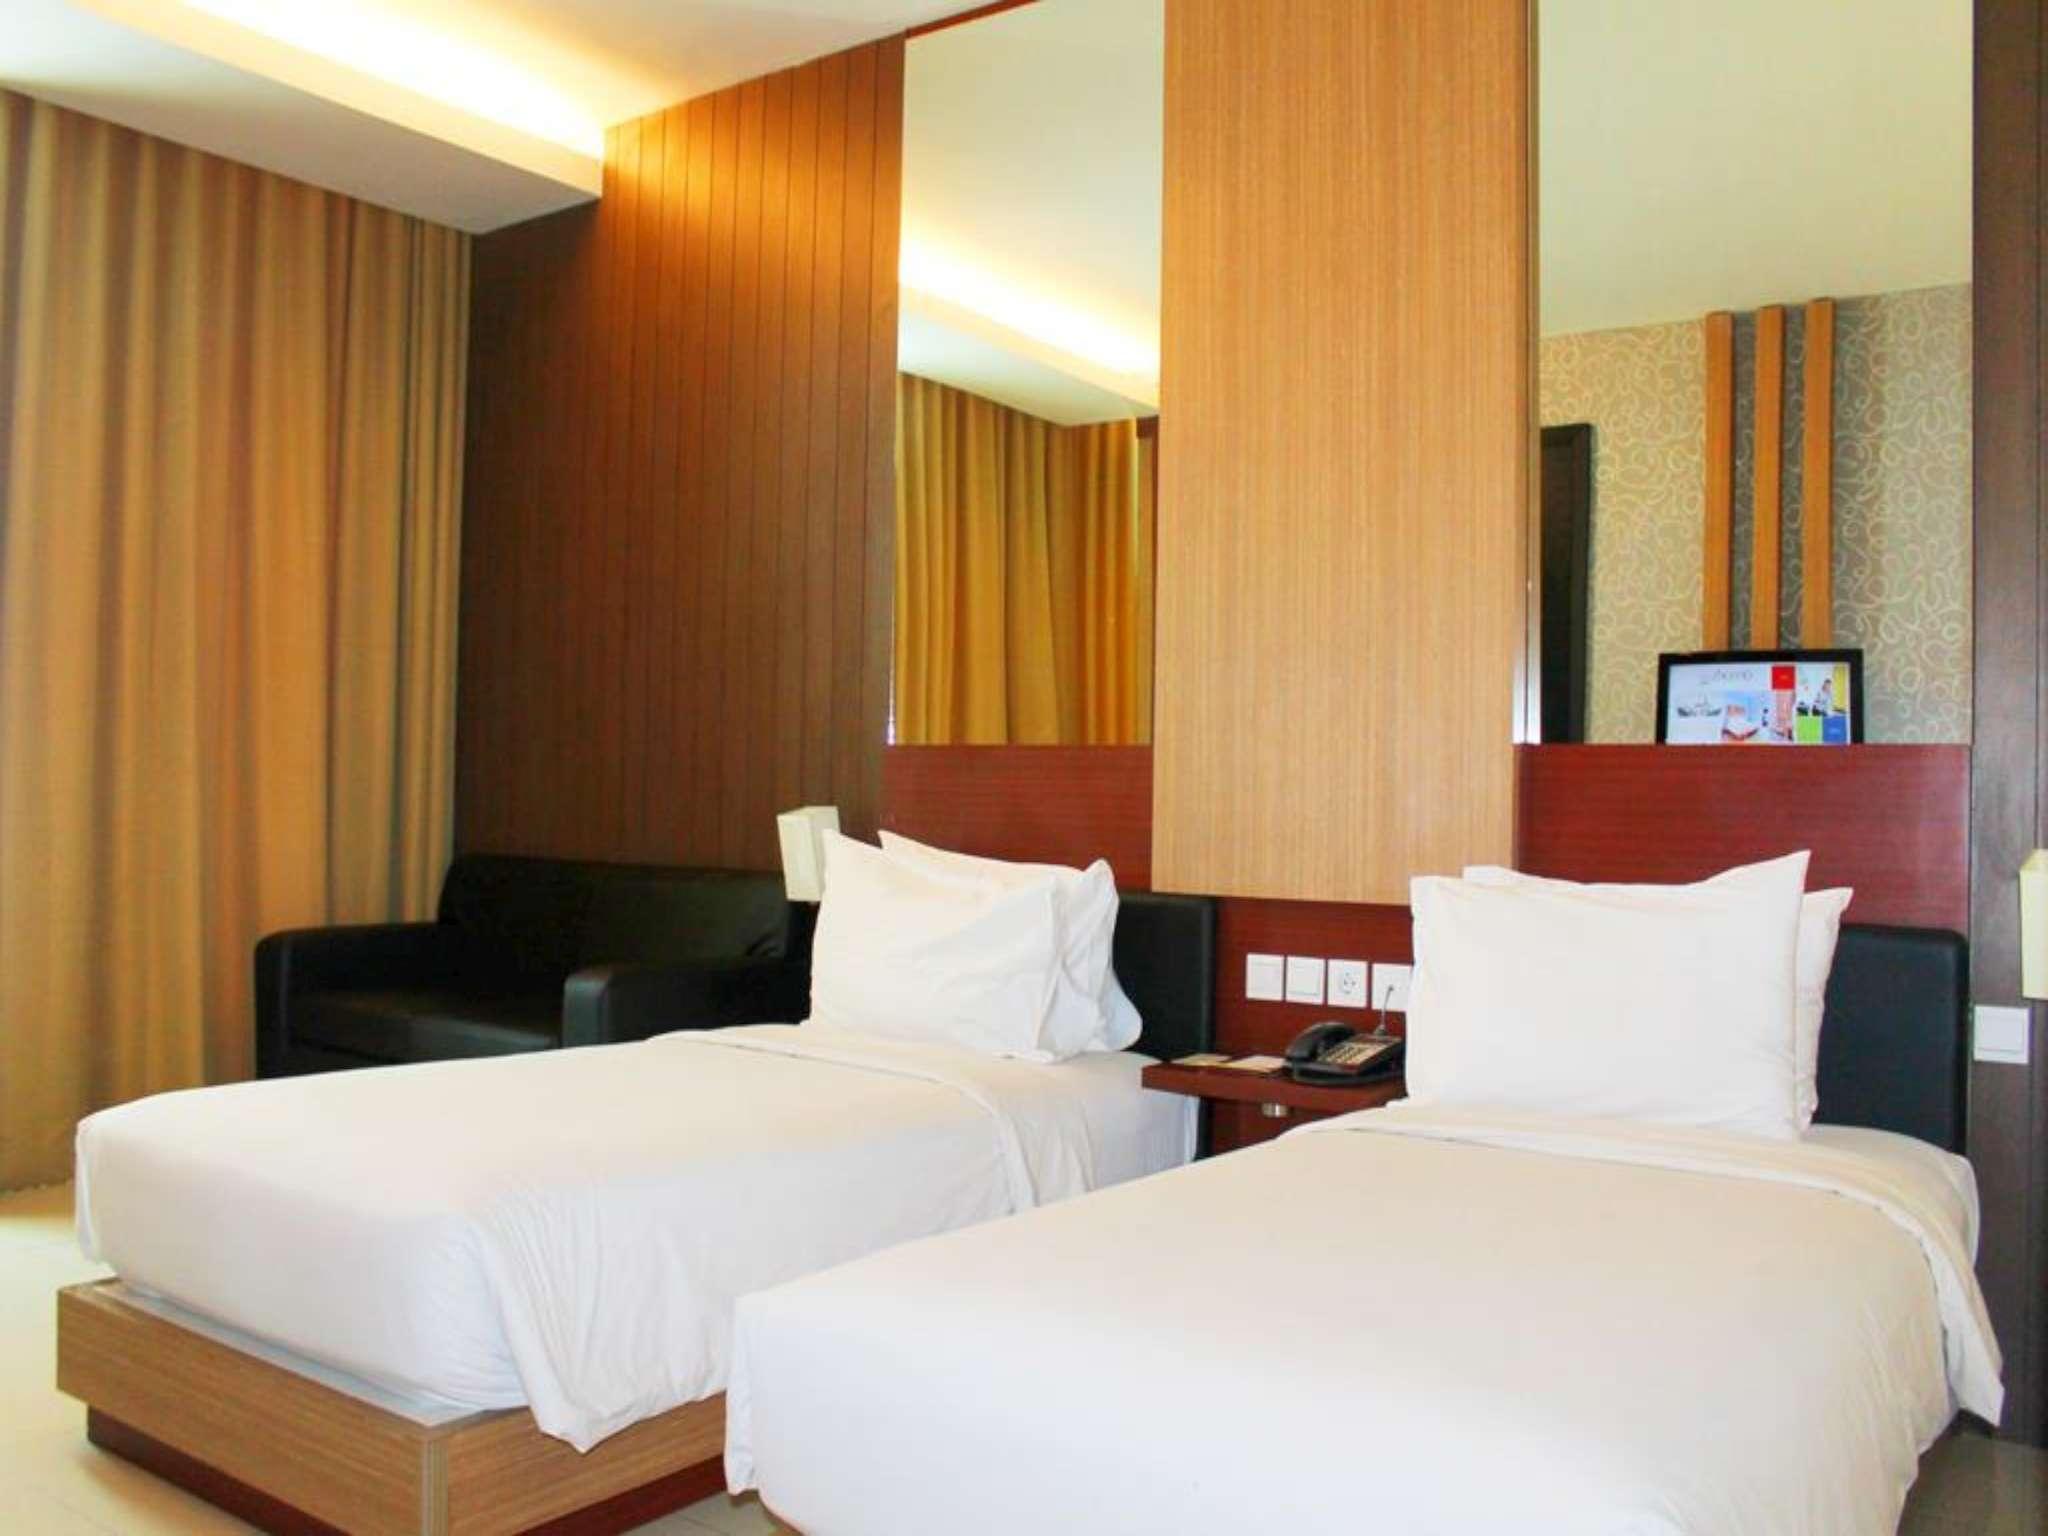 Hotel Santika Tasikmalaya, Tasikmalaya